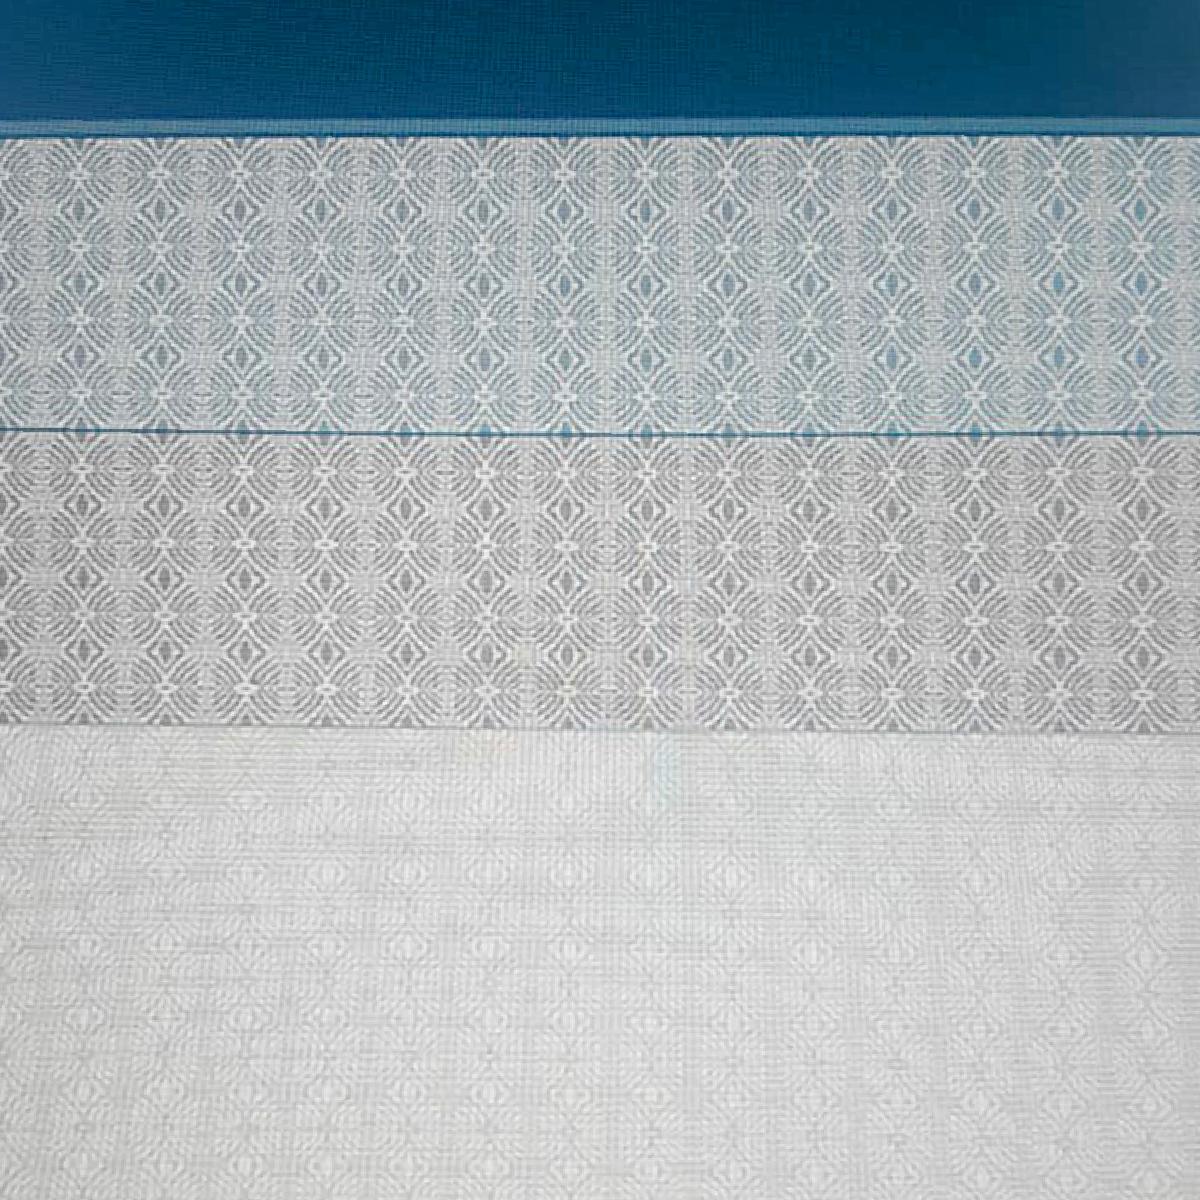 Figuras azul con gris